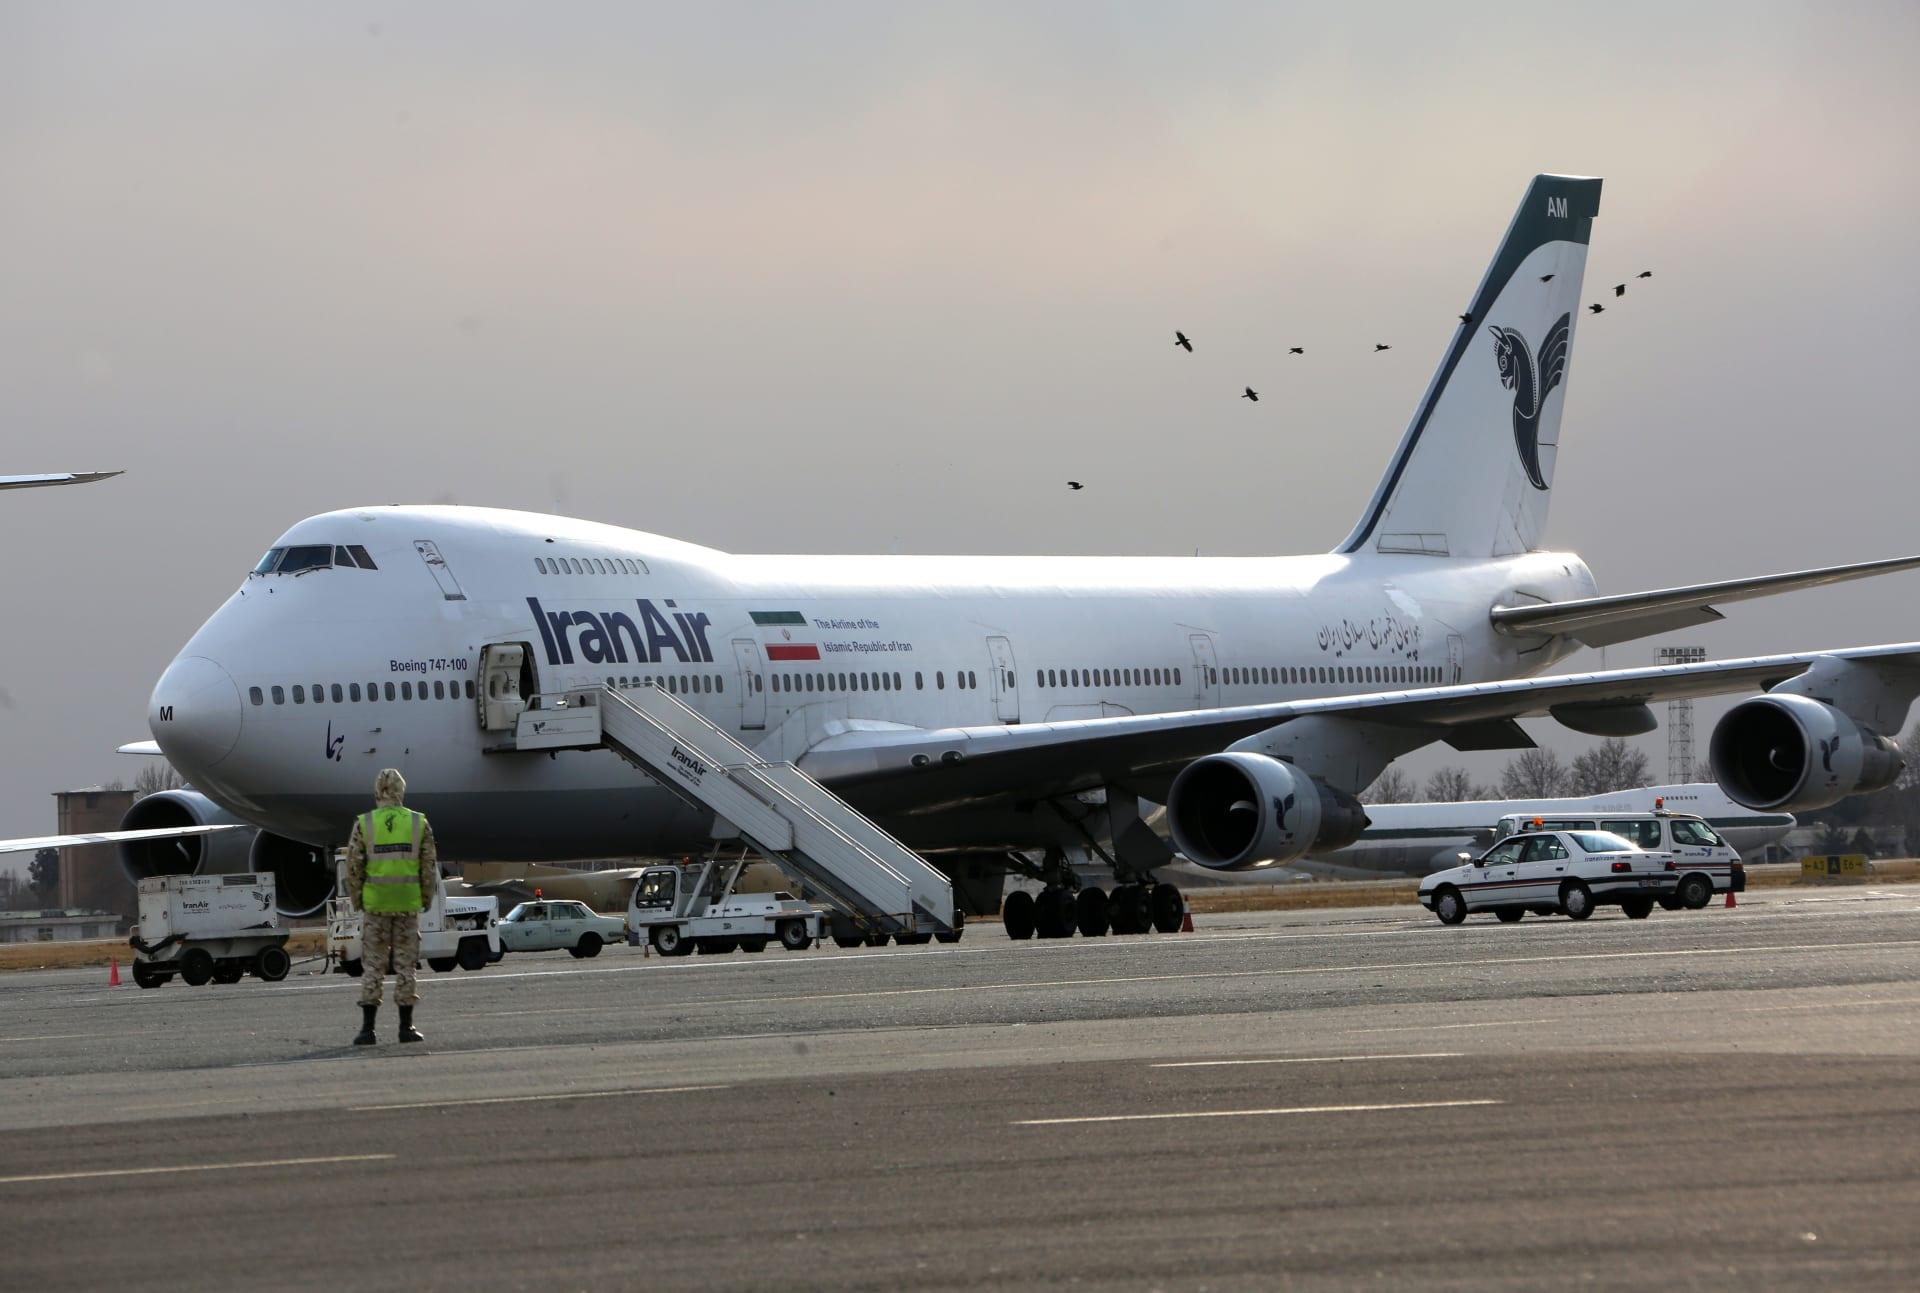 """""""بوينغ"""" الأمريكية تعقد صفقة بيع طائرات لإيران بـ16.6 مليار دولار"""